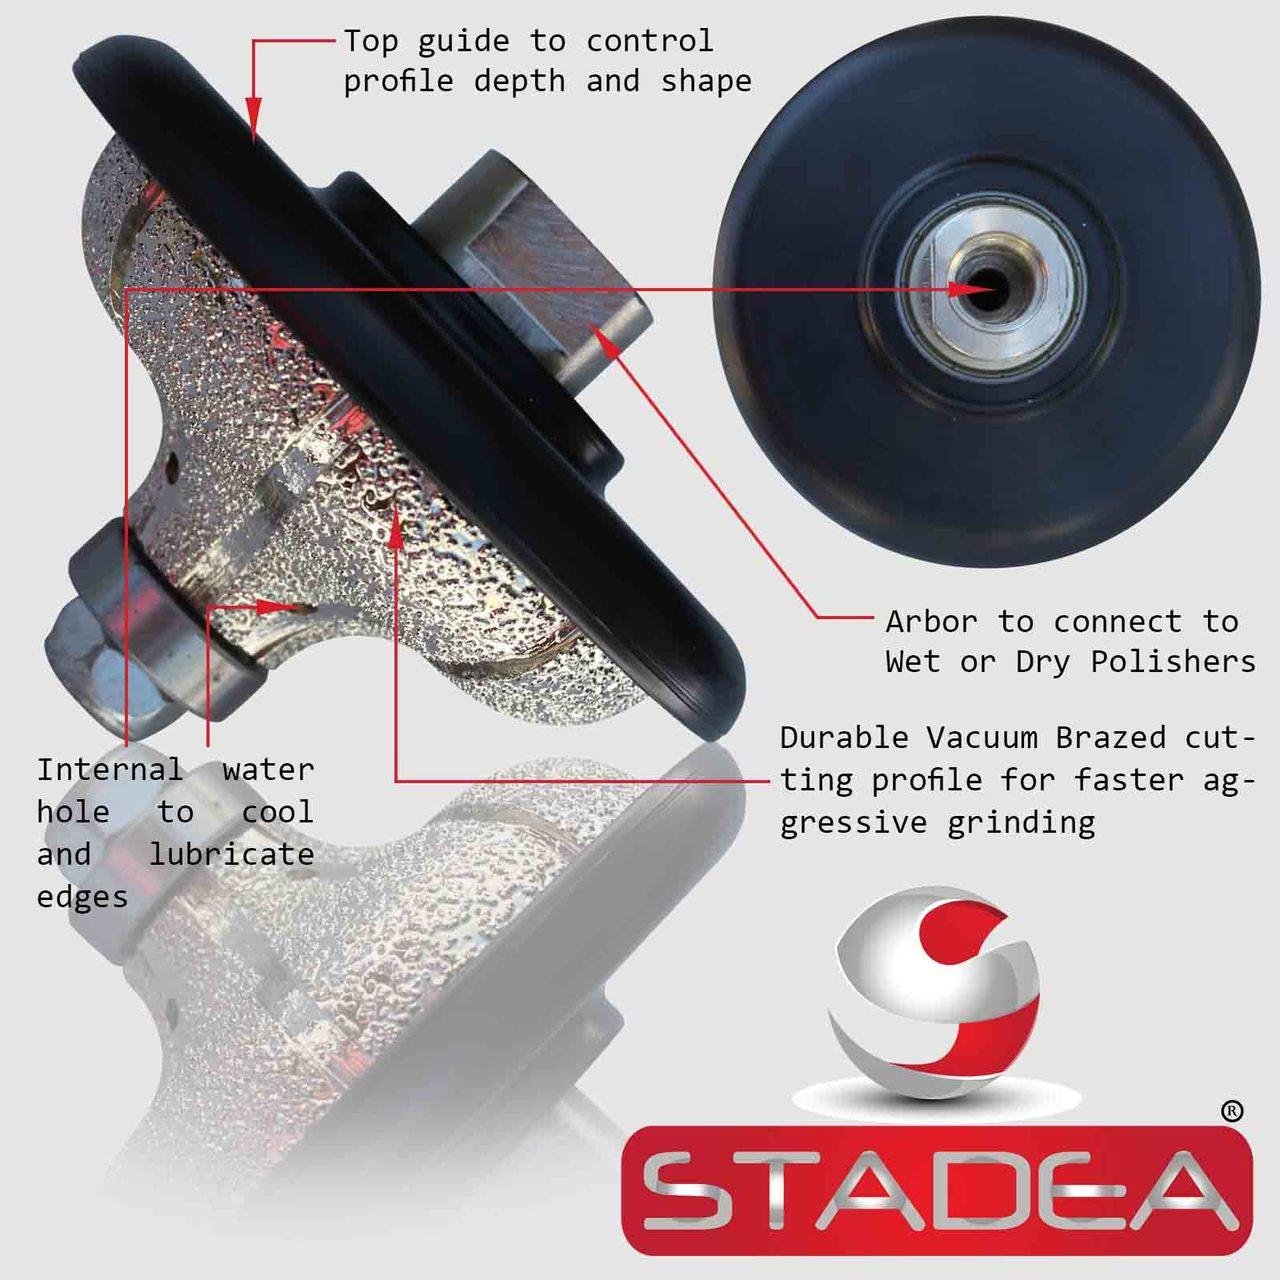 and Stone Countertops Marble Concrete Tile 1-1//4 Core Bits for Granite Concrete